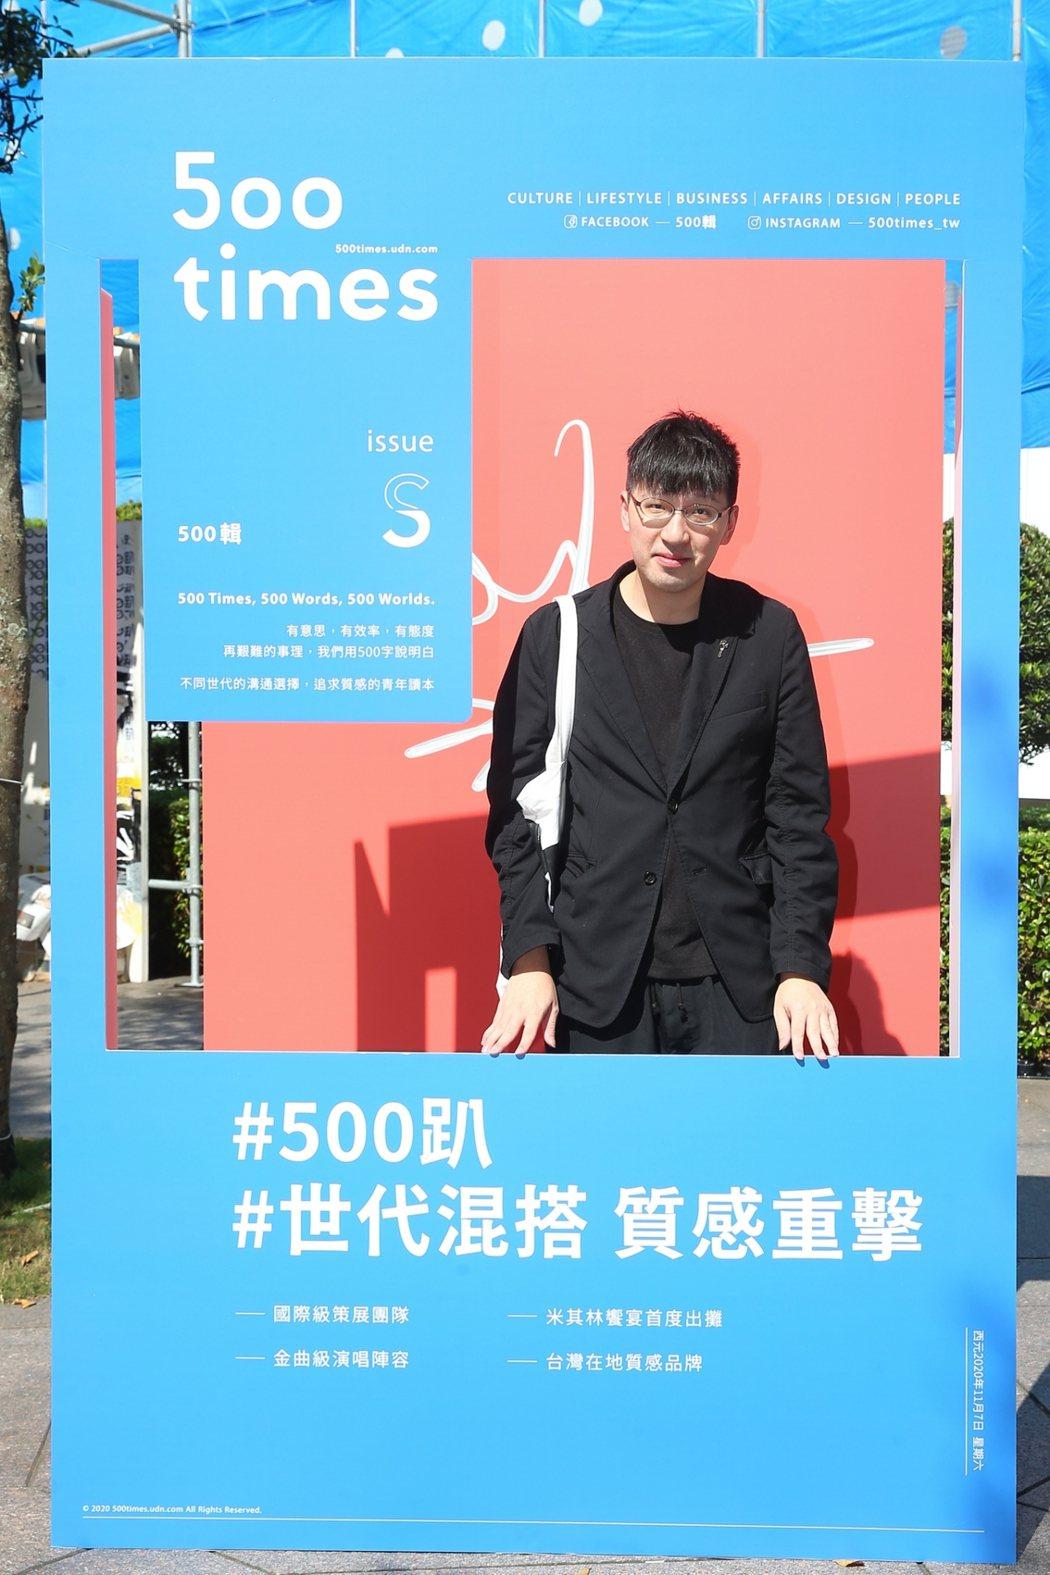 新銳時裝設計師詹朴。記者余承翰 / 攝影。